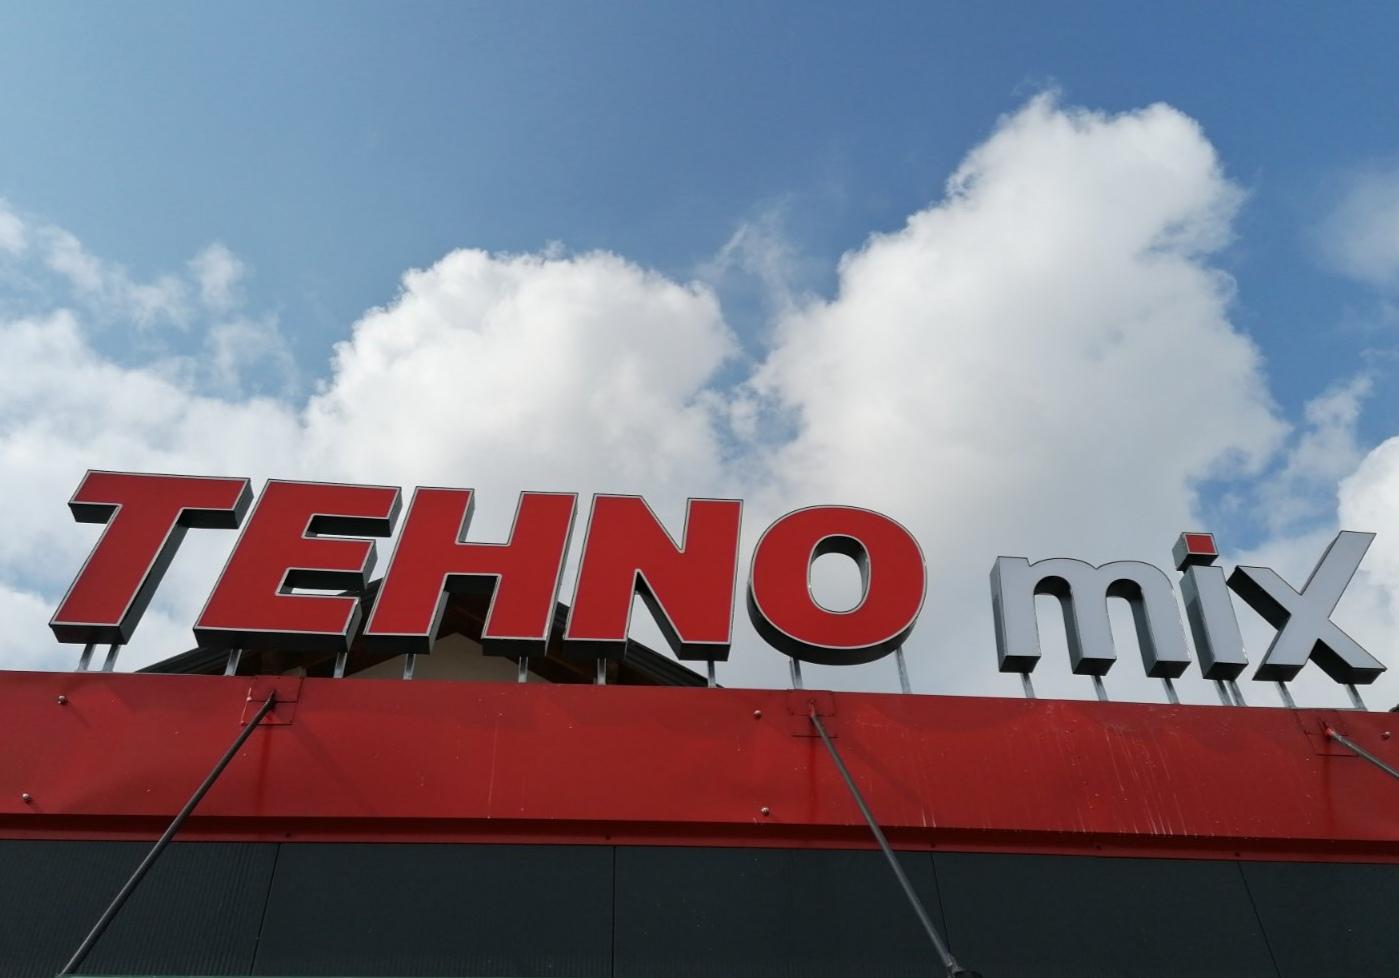 33-tehno-mix